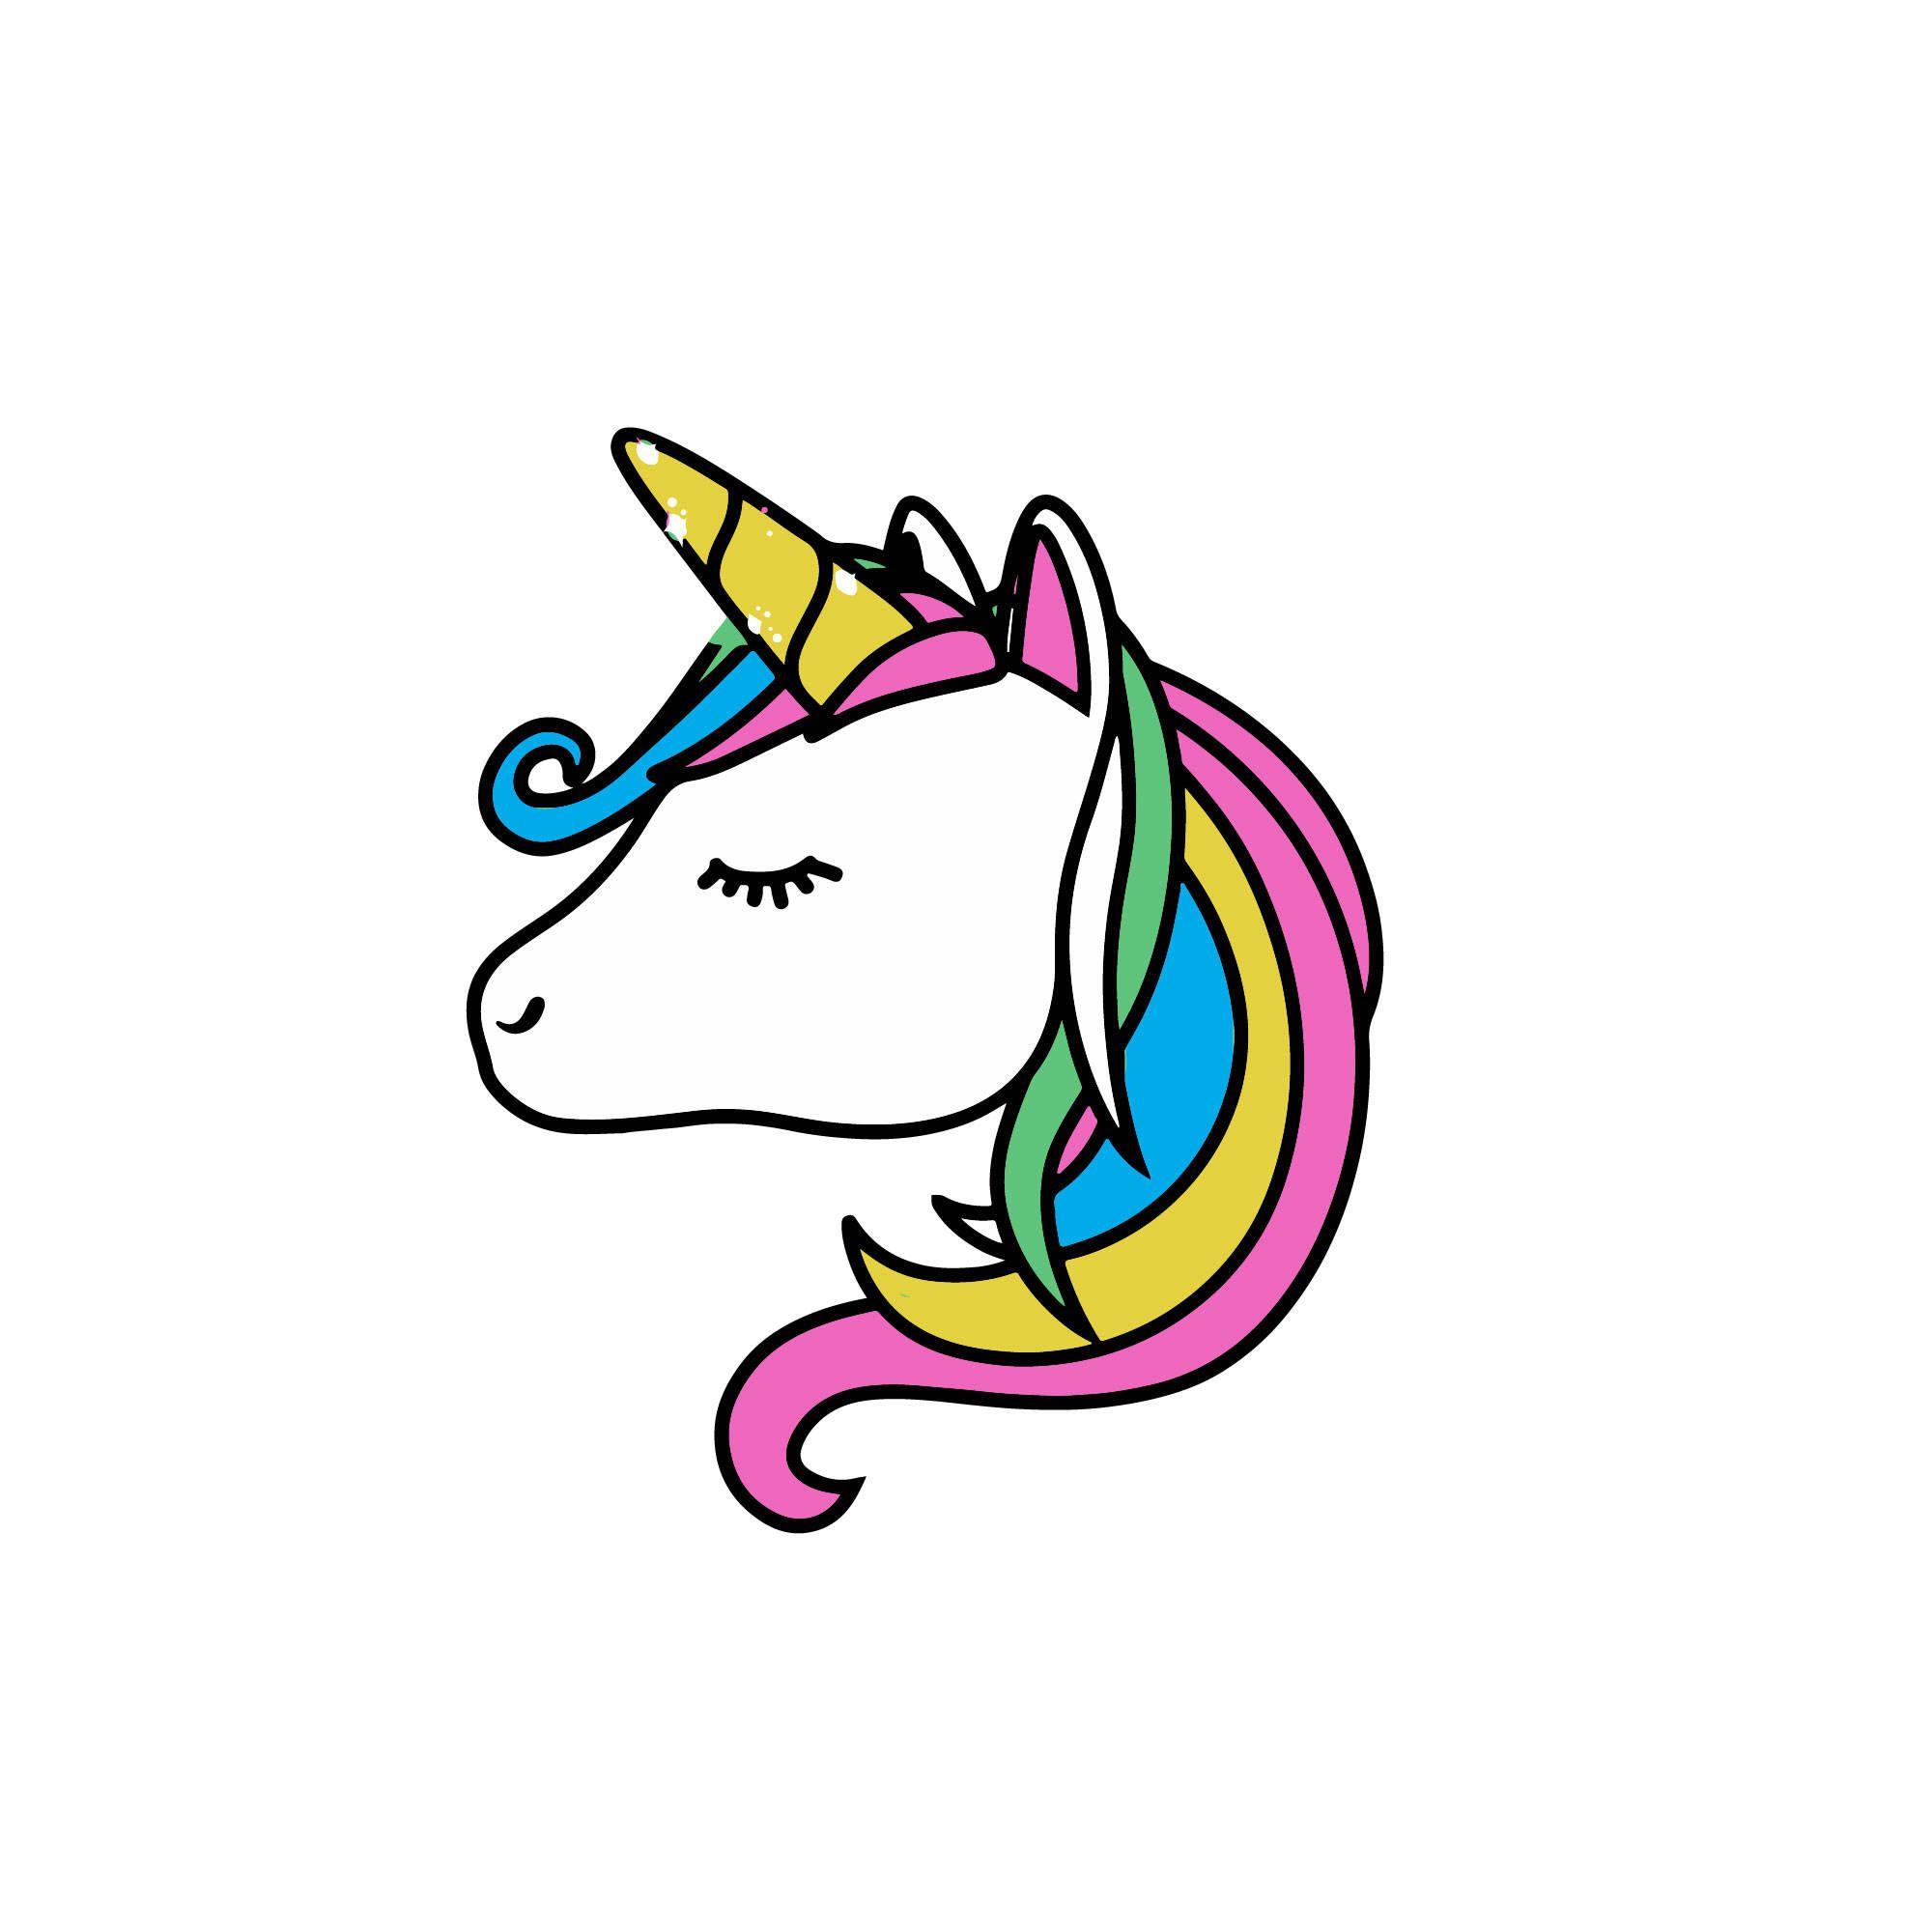 Unicorn photo face cut out clipart clipart freeuse download Unicorn SVG, Unicorn head Svg, Unicorn Clip Art, Unicorn ... clipart freeuse download